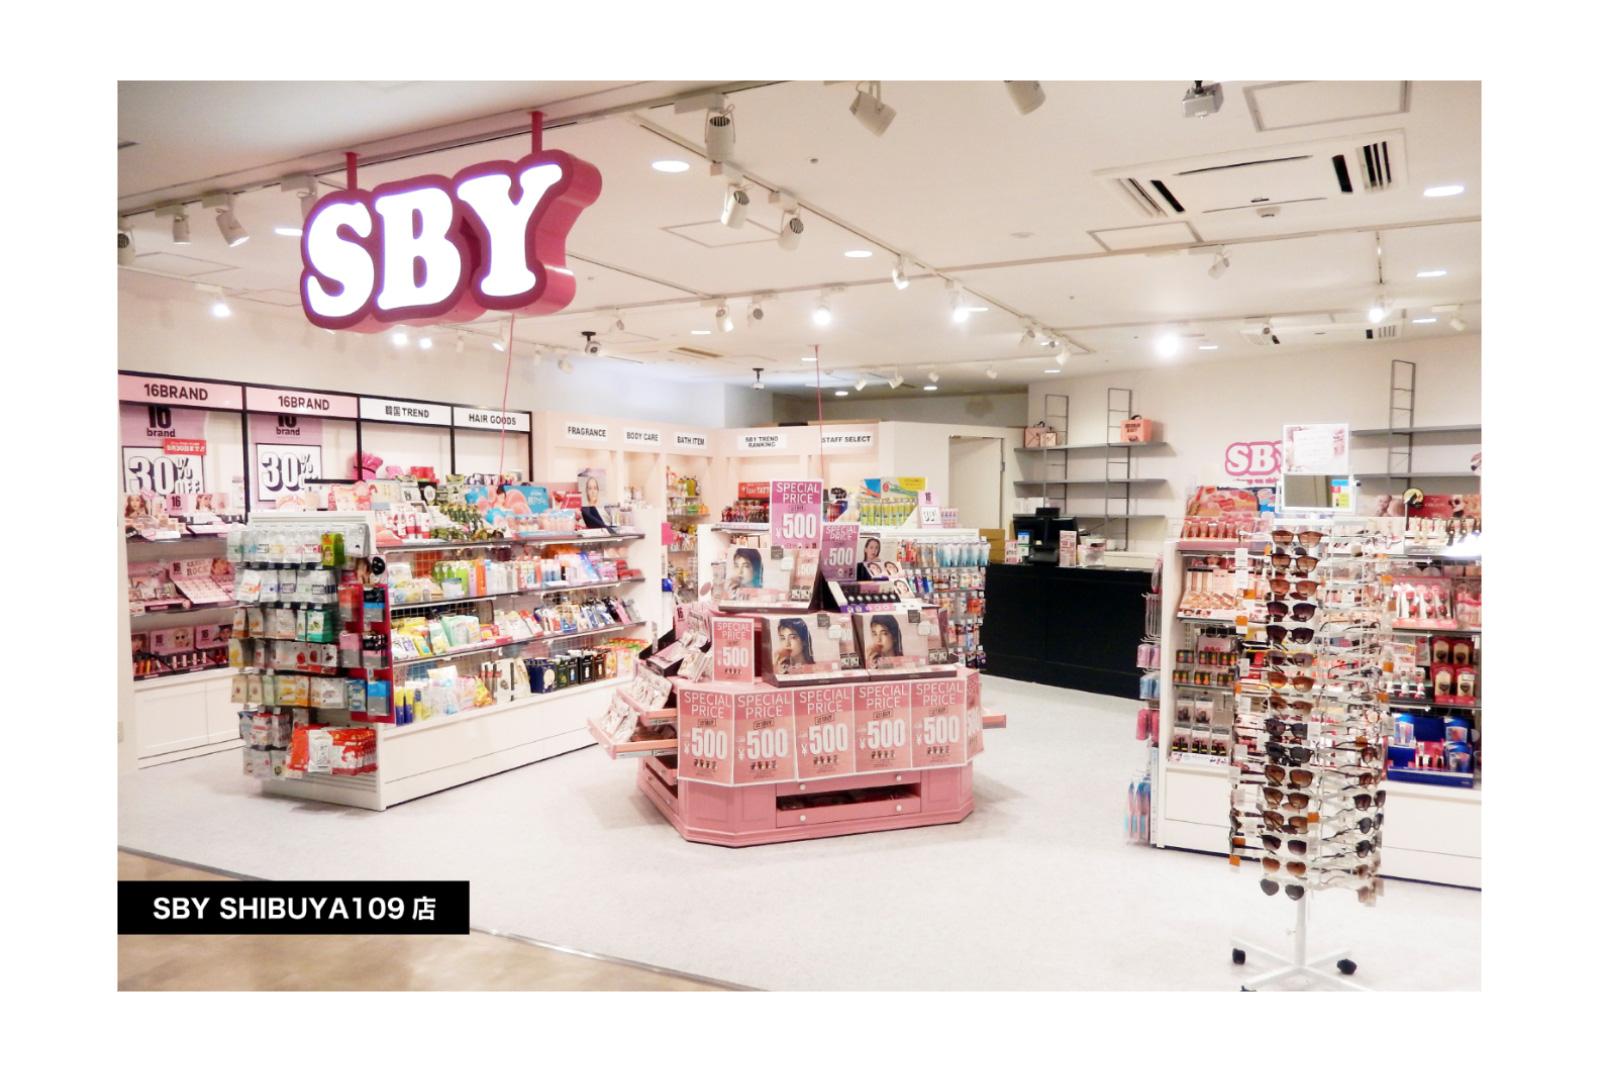 SBY渋谷ショップサイトへ